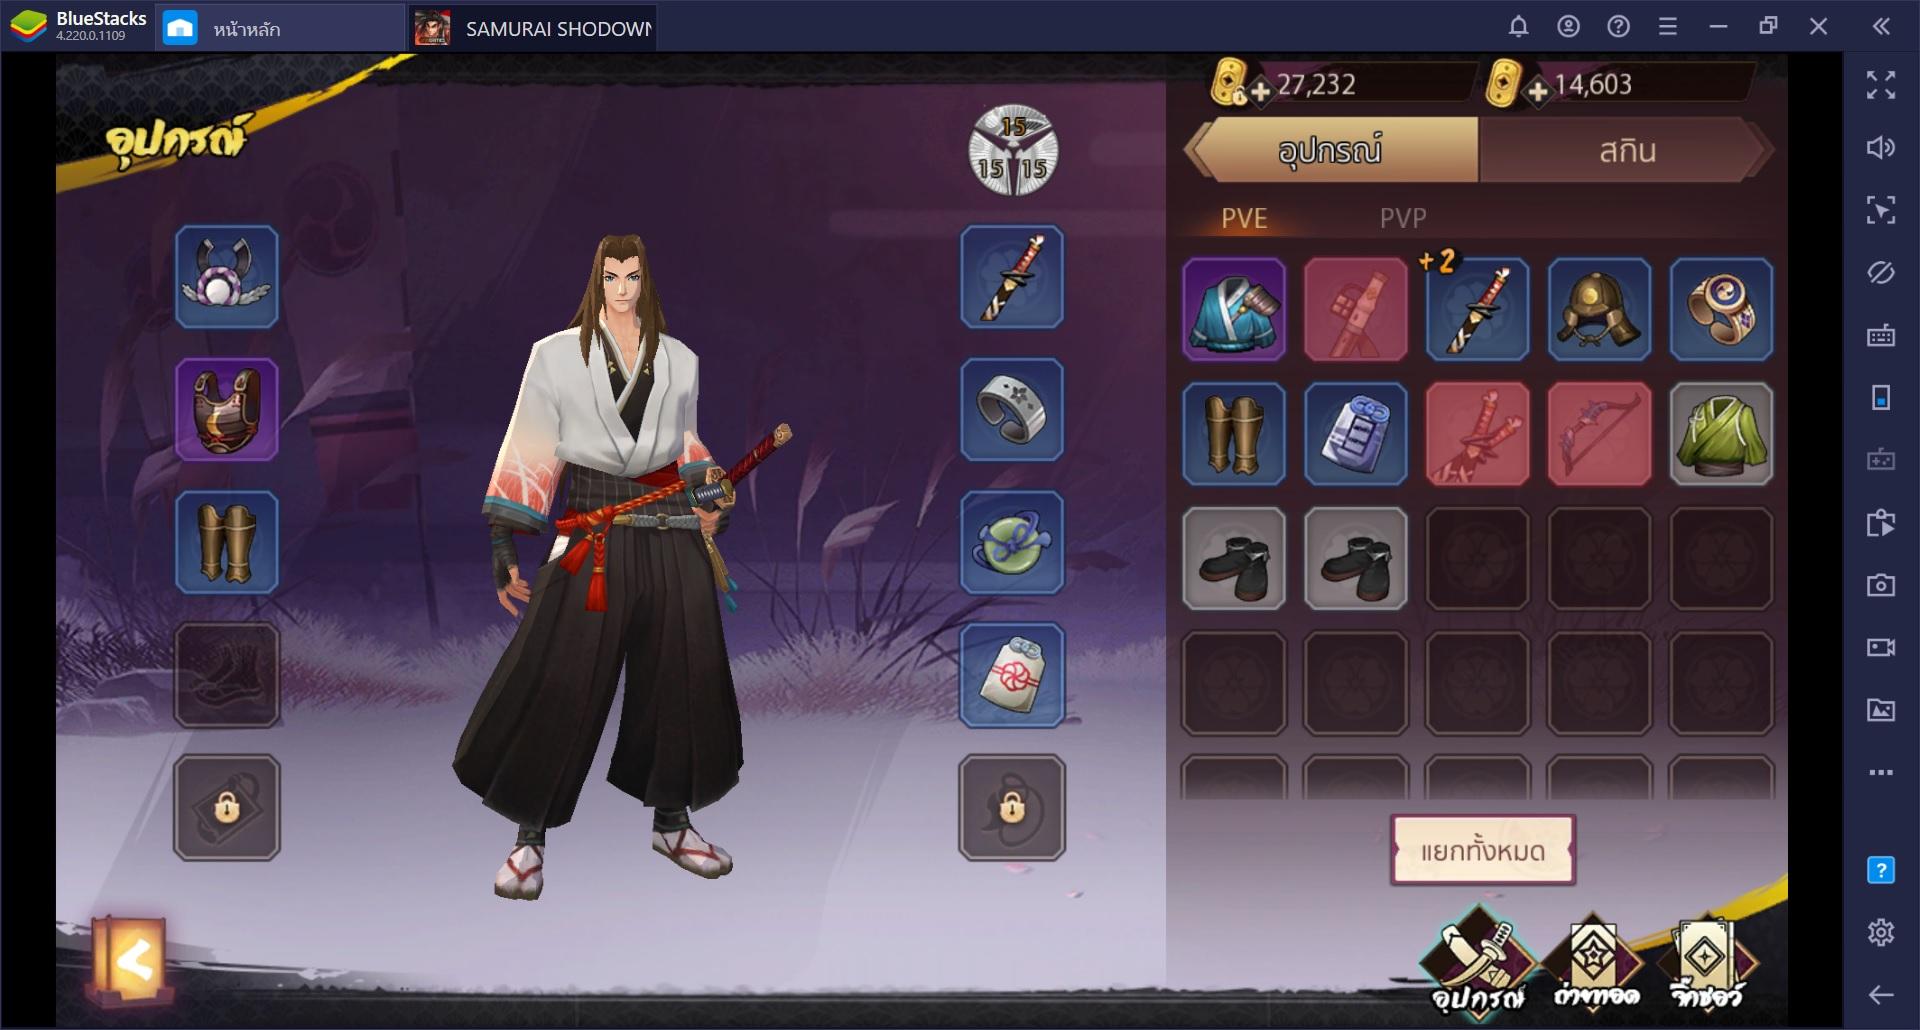 Samurai Shodown ล่วงลับอาชีพ Samurai เทพแค่ไหนต้องดู